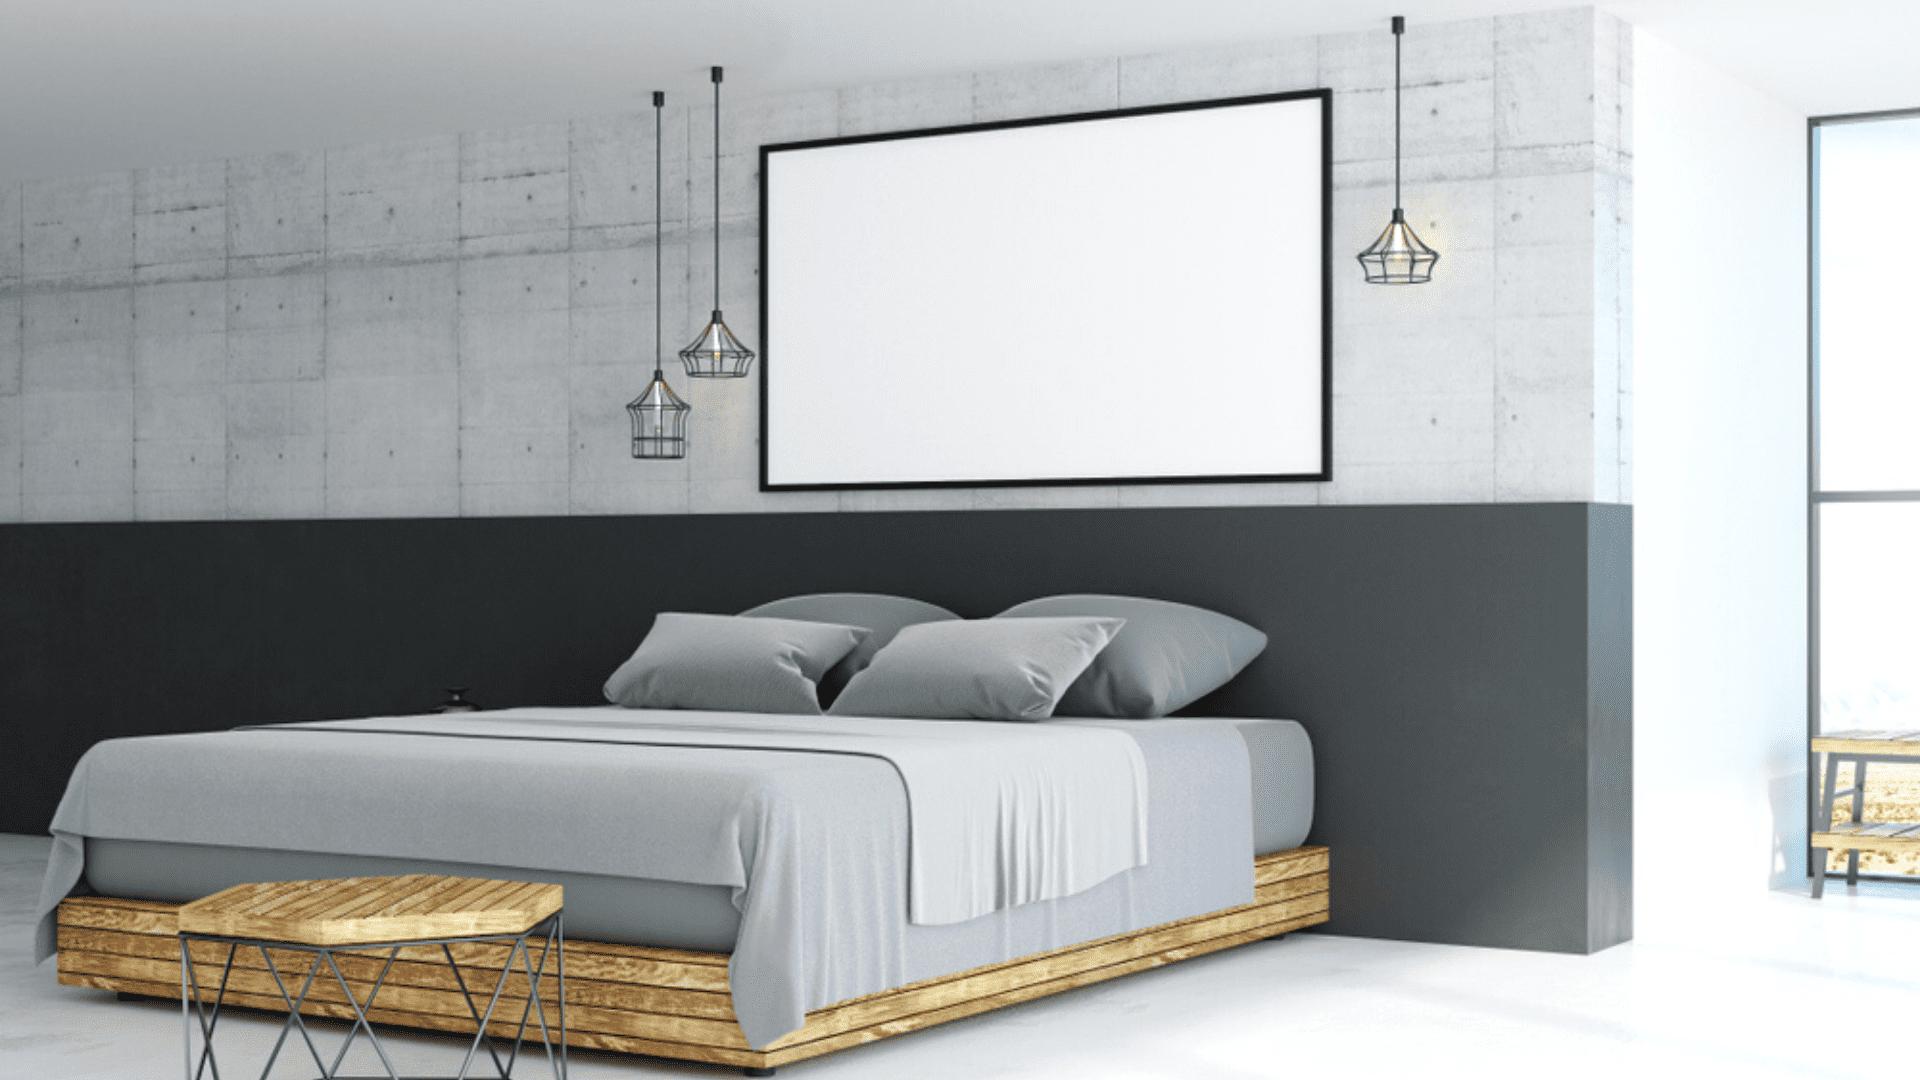 Você pode usar a meia parede como cabeceira no quarto (Imagem: Reprodução/Shutterstock)